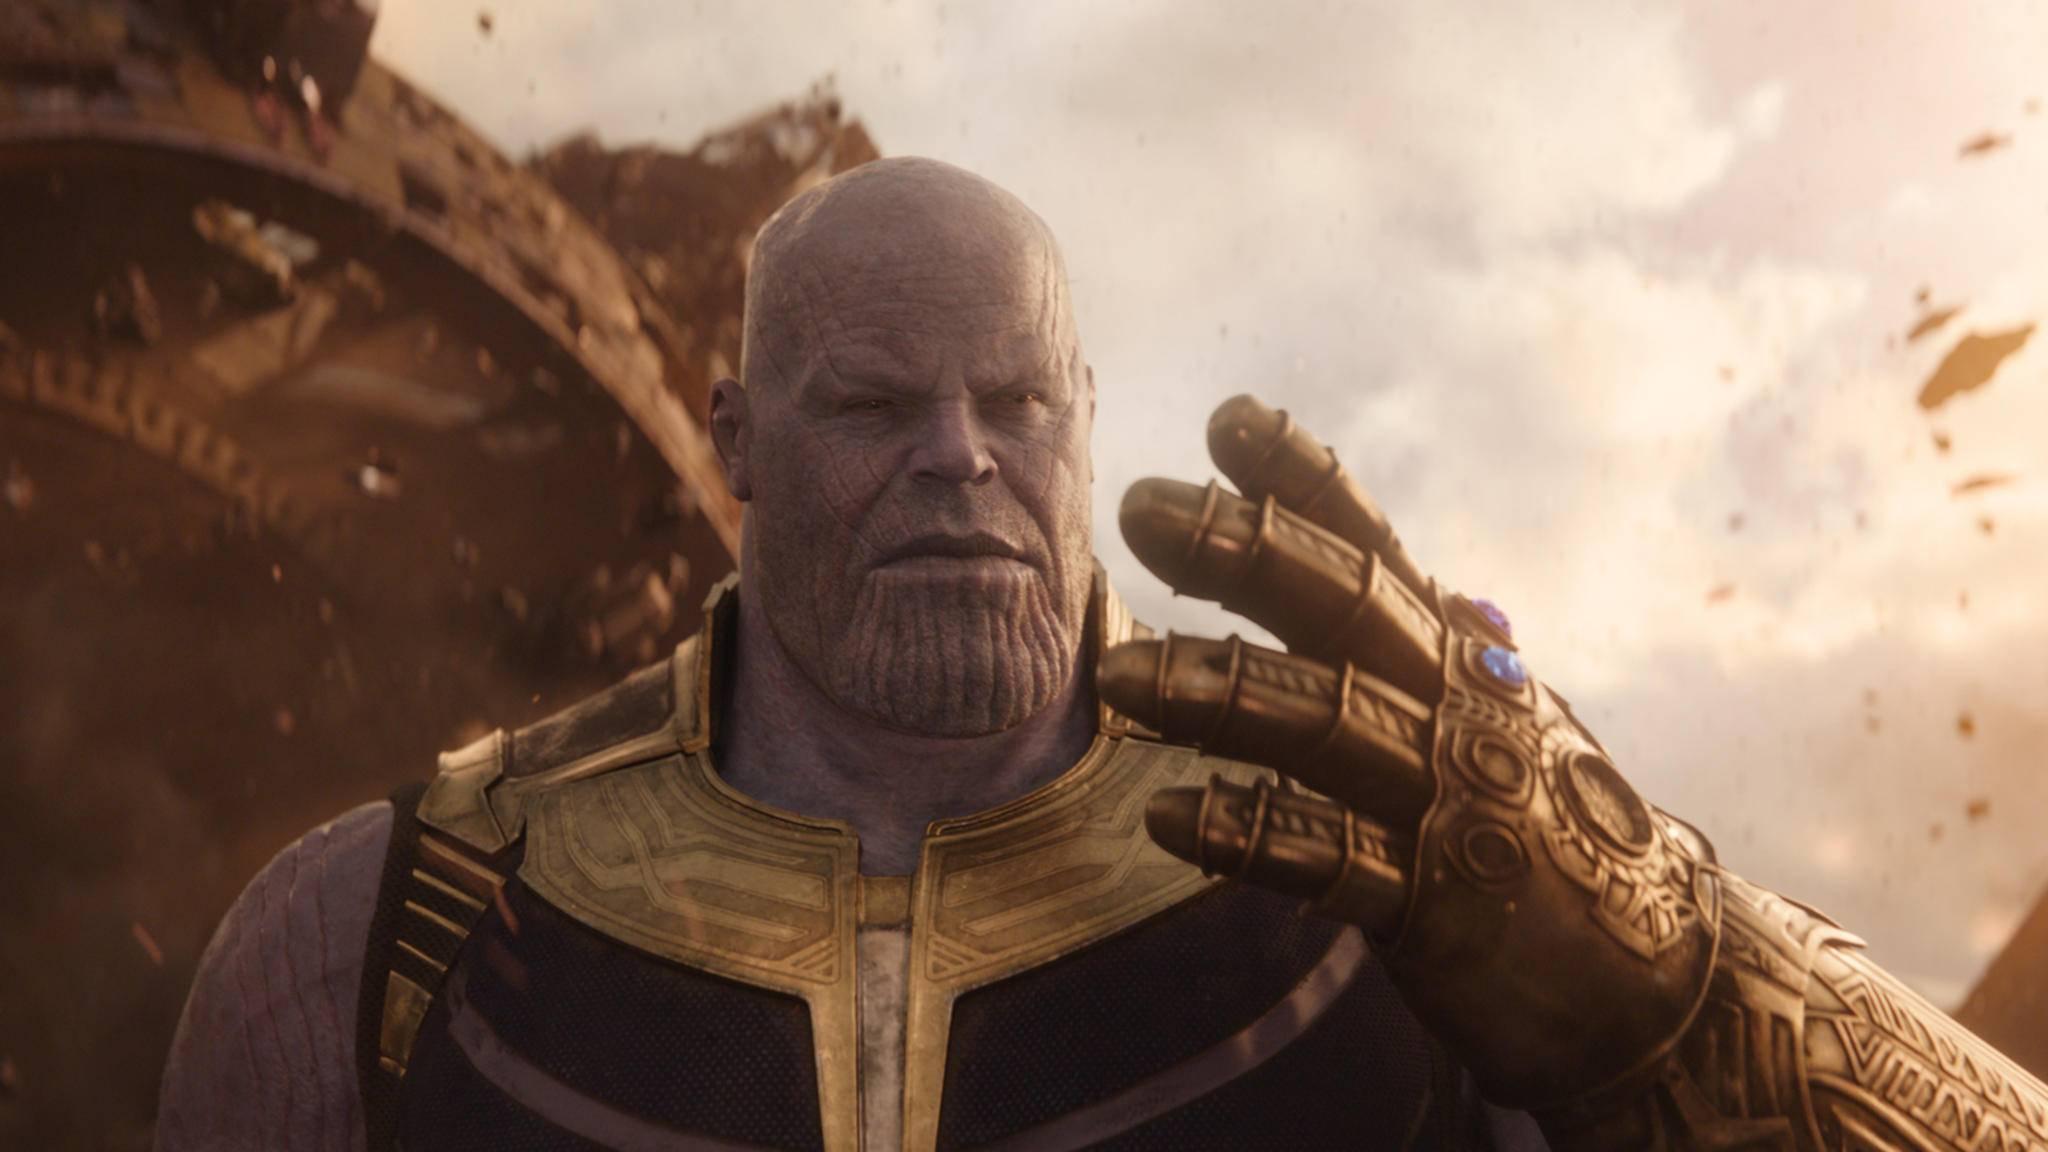 Das mit dem Schnipsen solltest du besser bleiben lassen, Thanos!